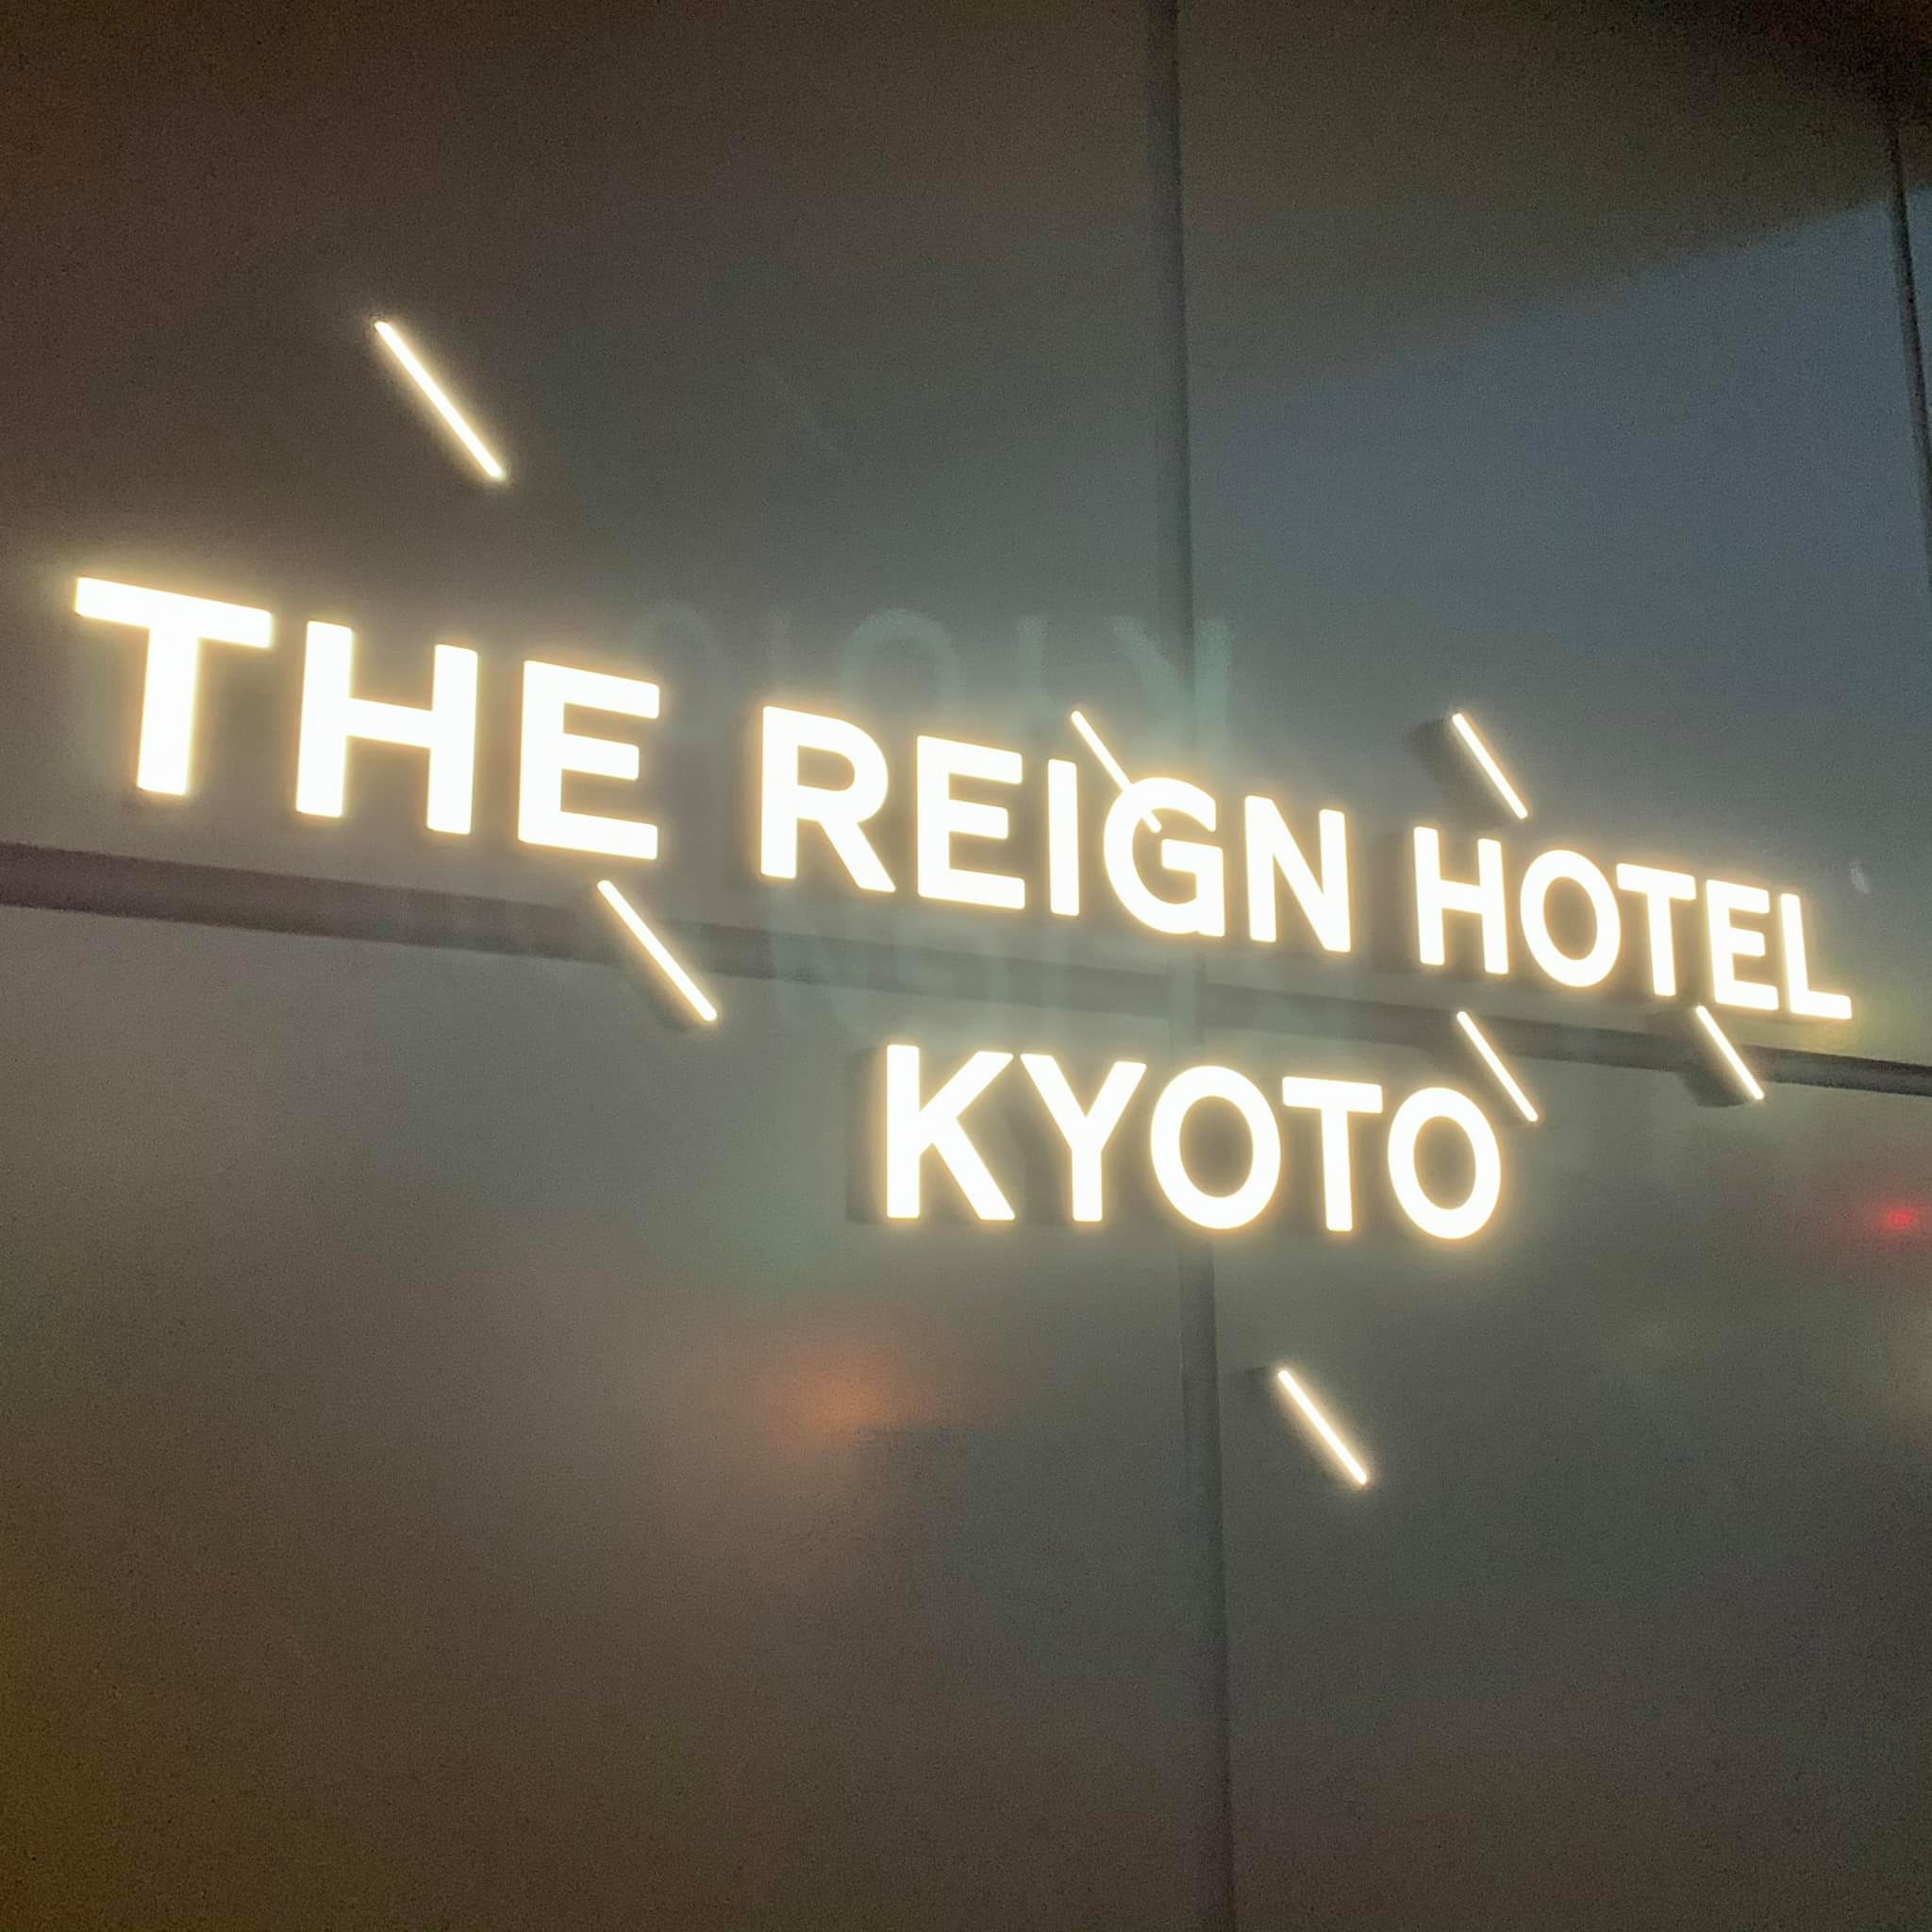 「ザ・レインホテル 京都」へ。